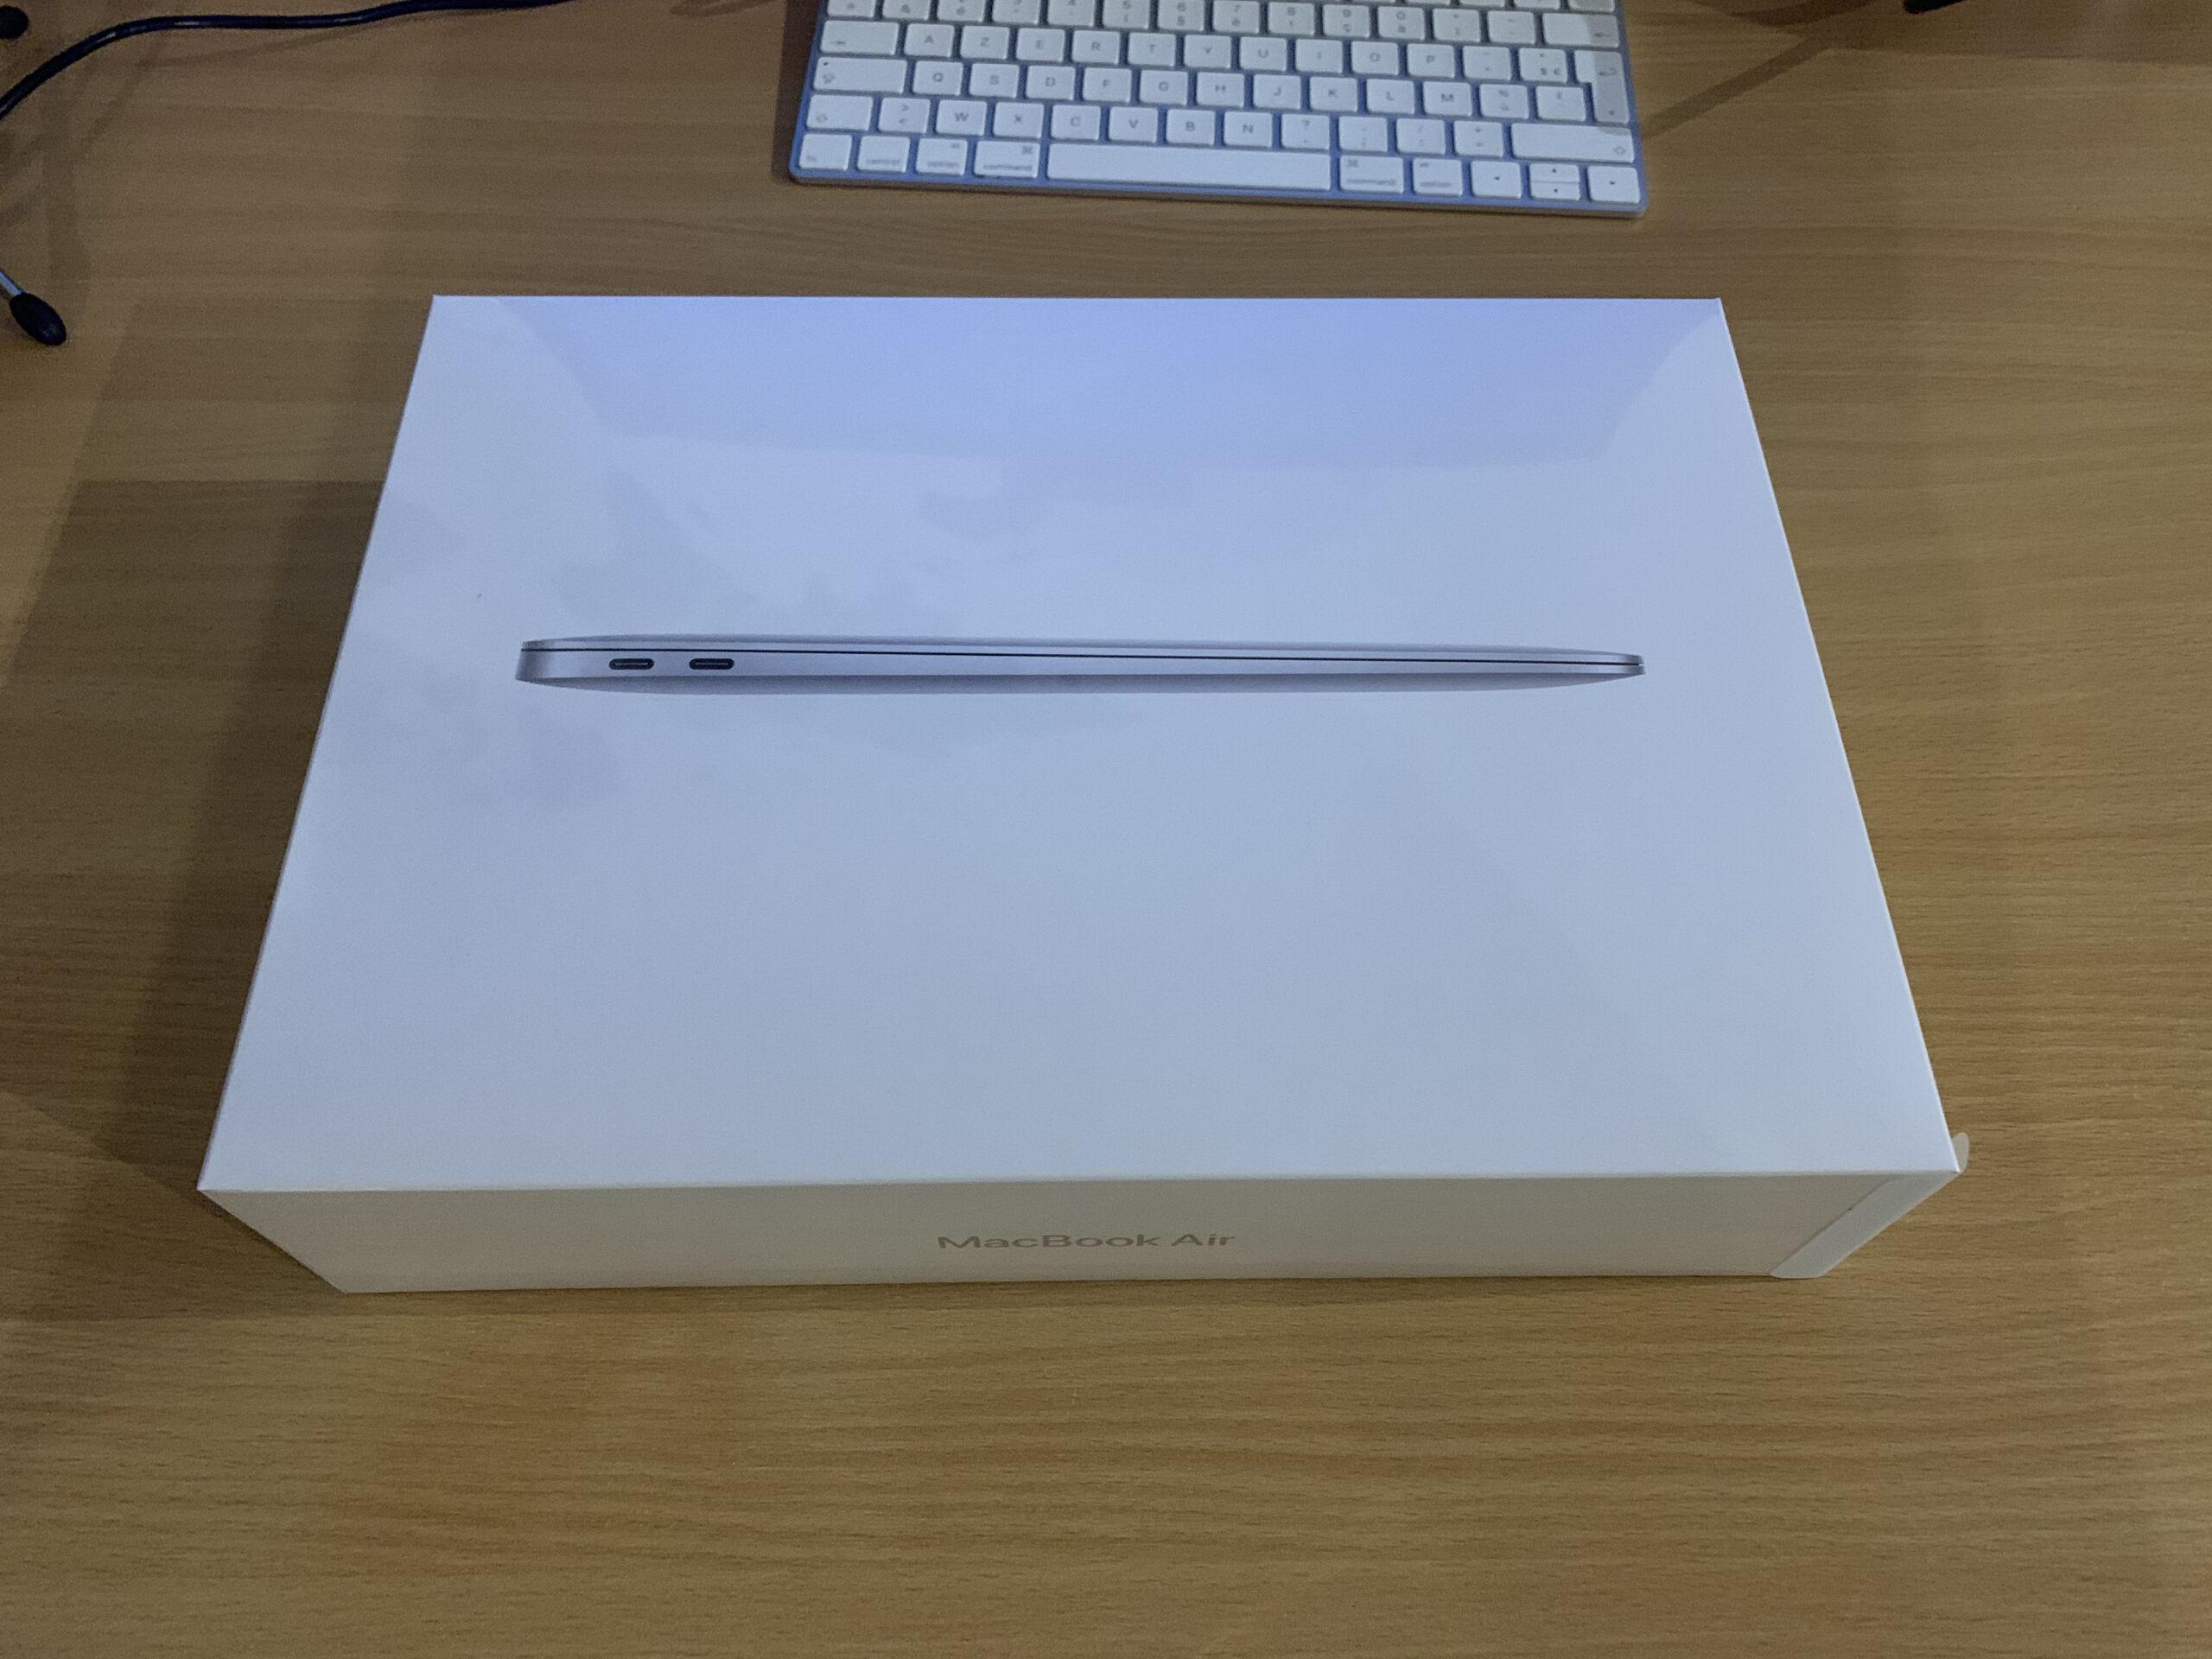 Test du MacBook Air M1 de 2020 sur deux jeux